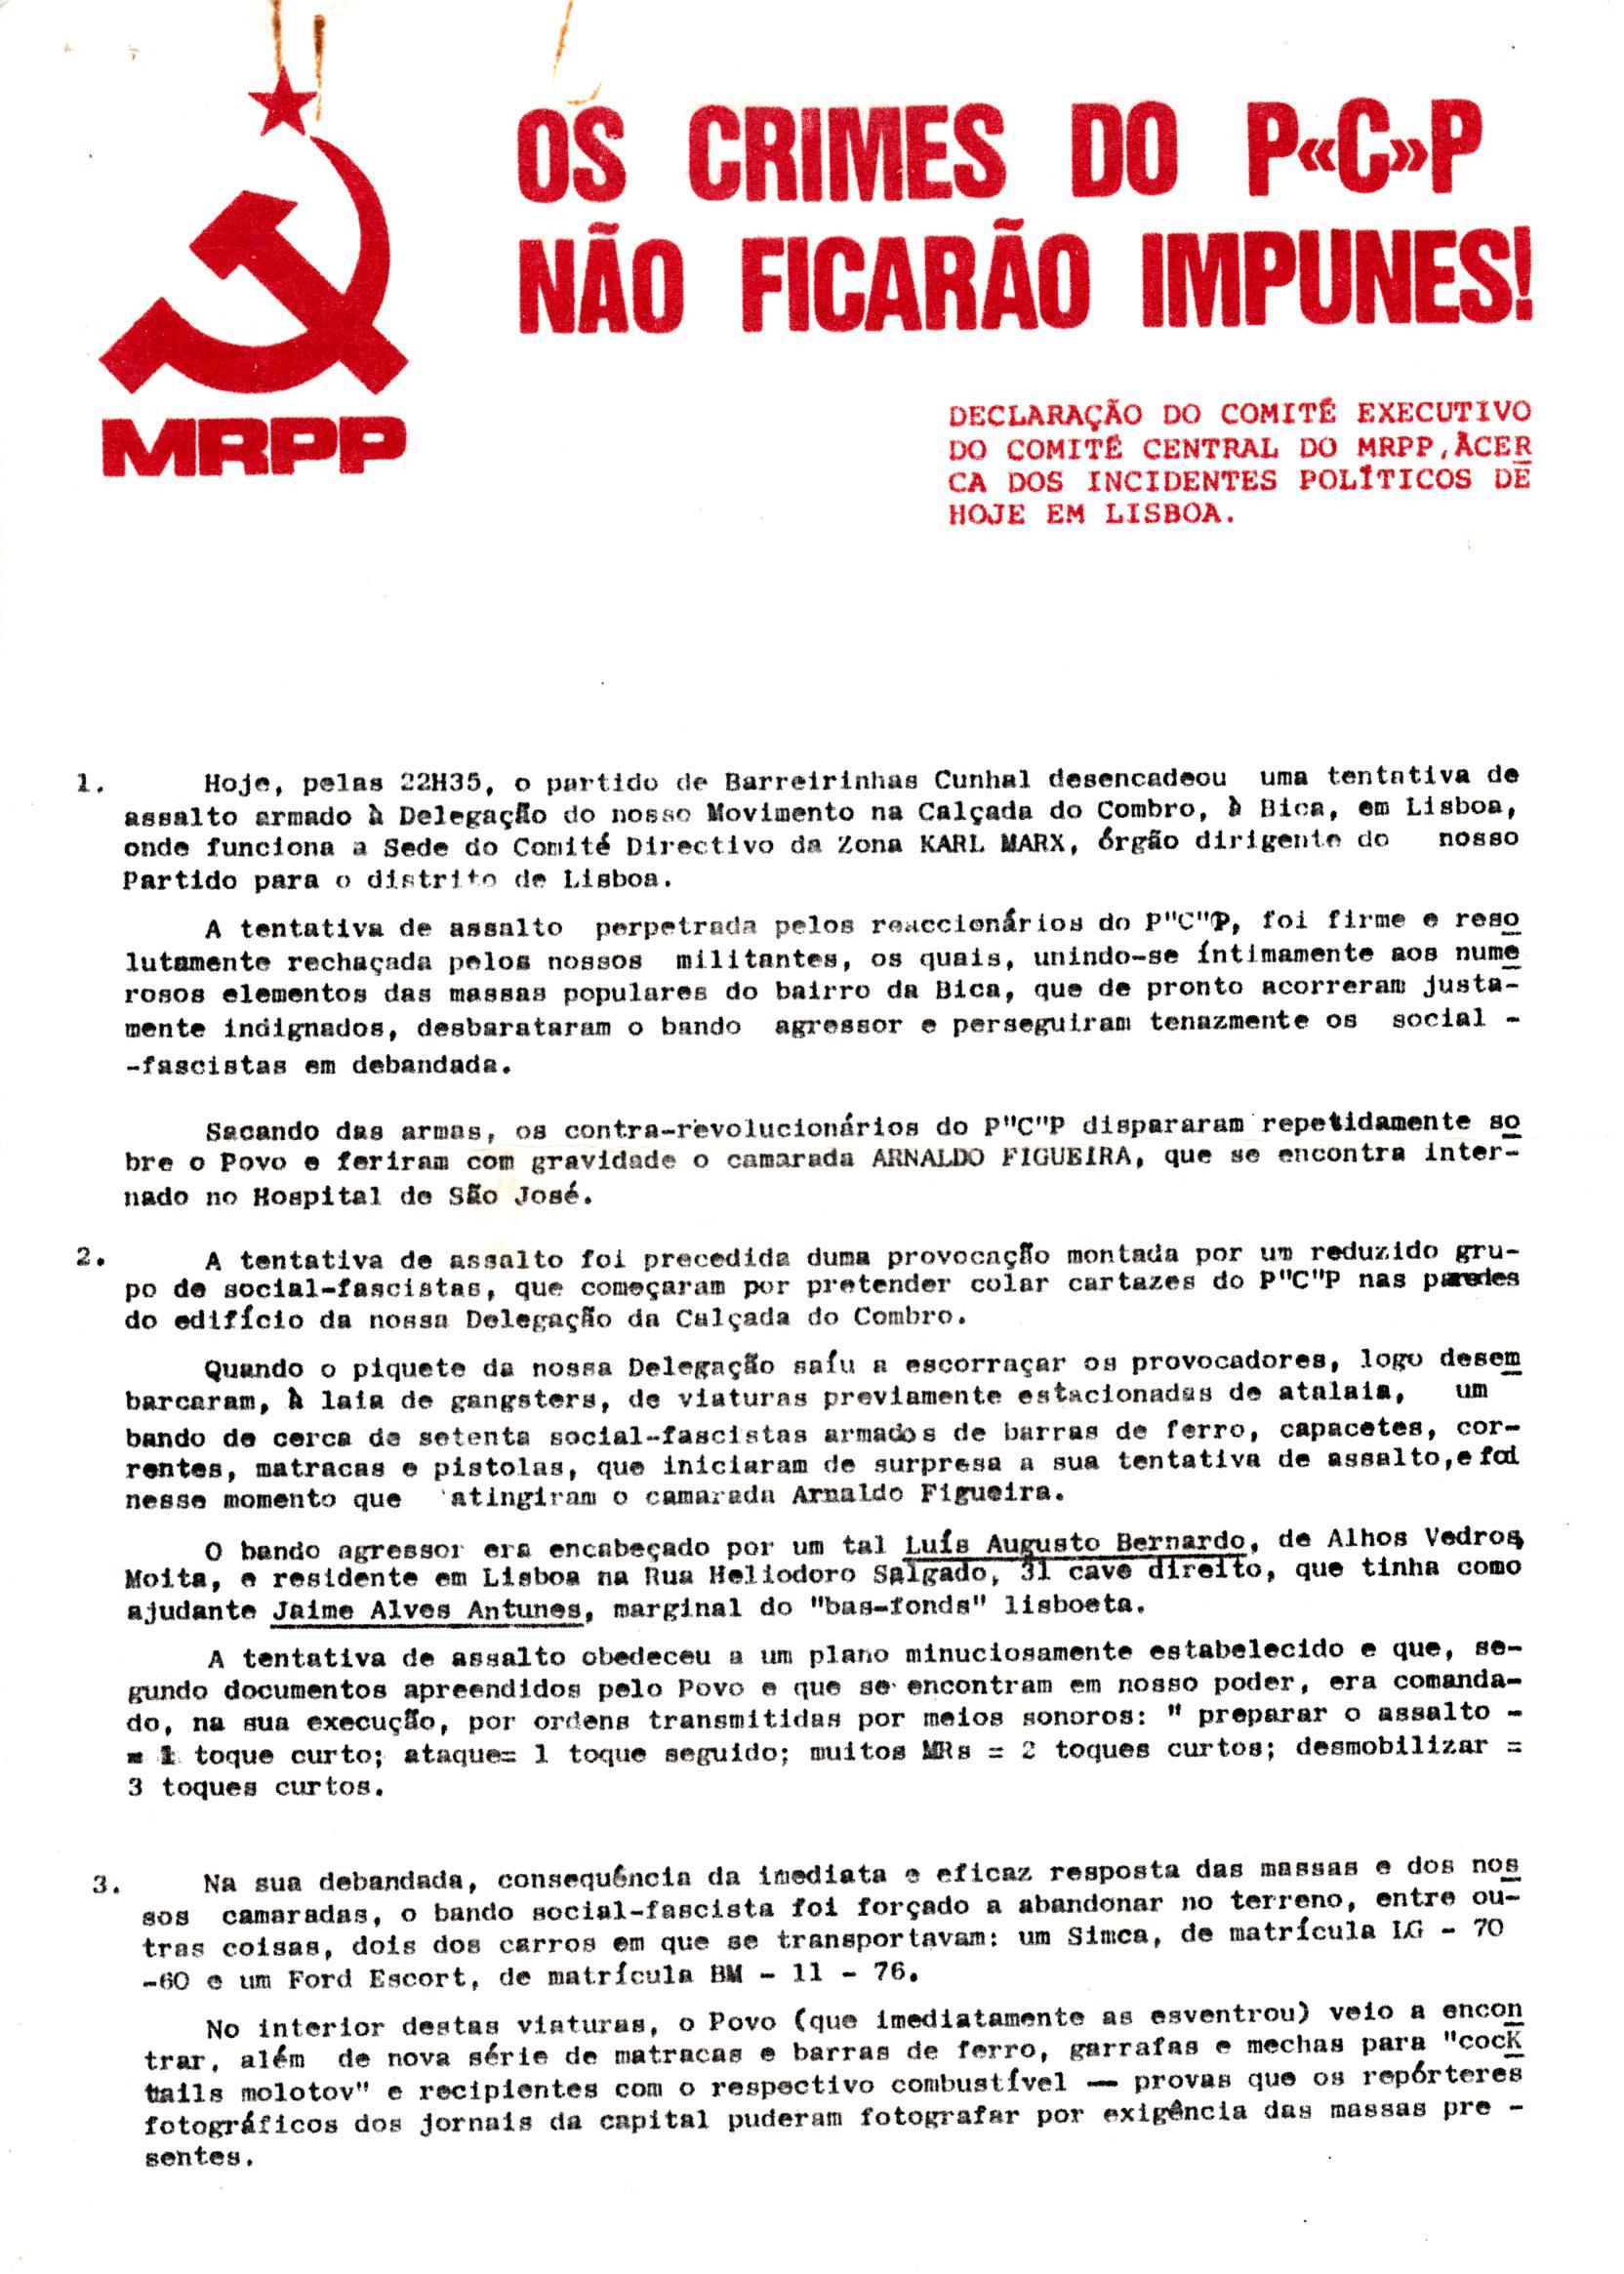 MRPP_1976_03_26_0001